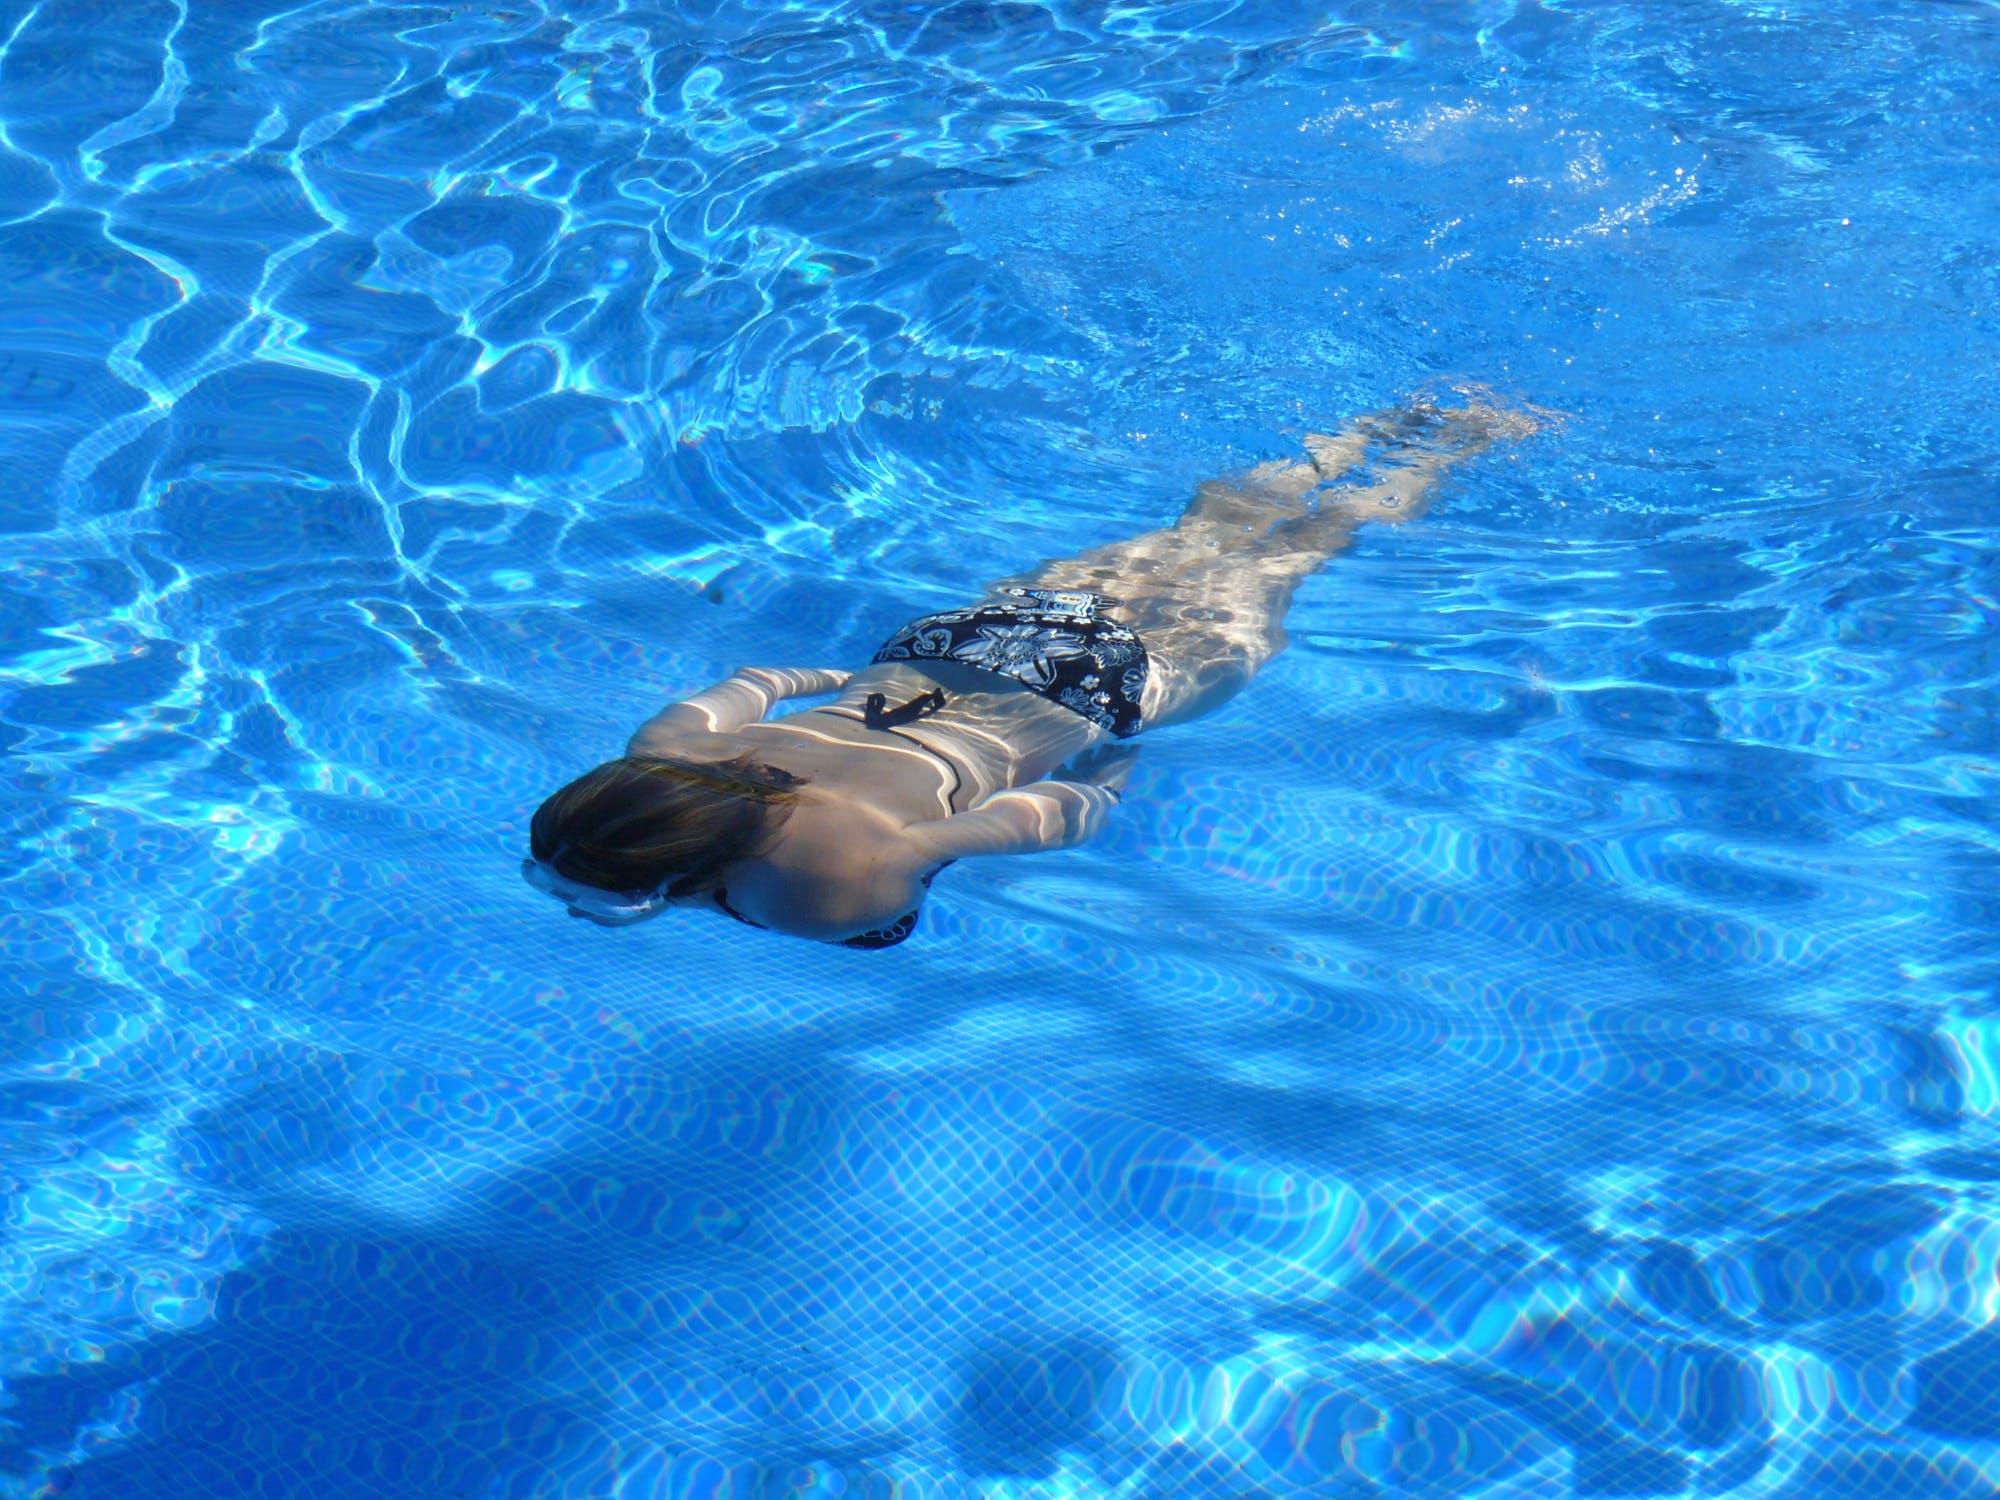 Κολύμβηση σε πισίνα και τρόποι προφύλαξης